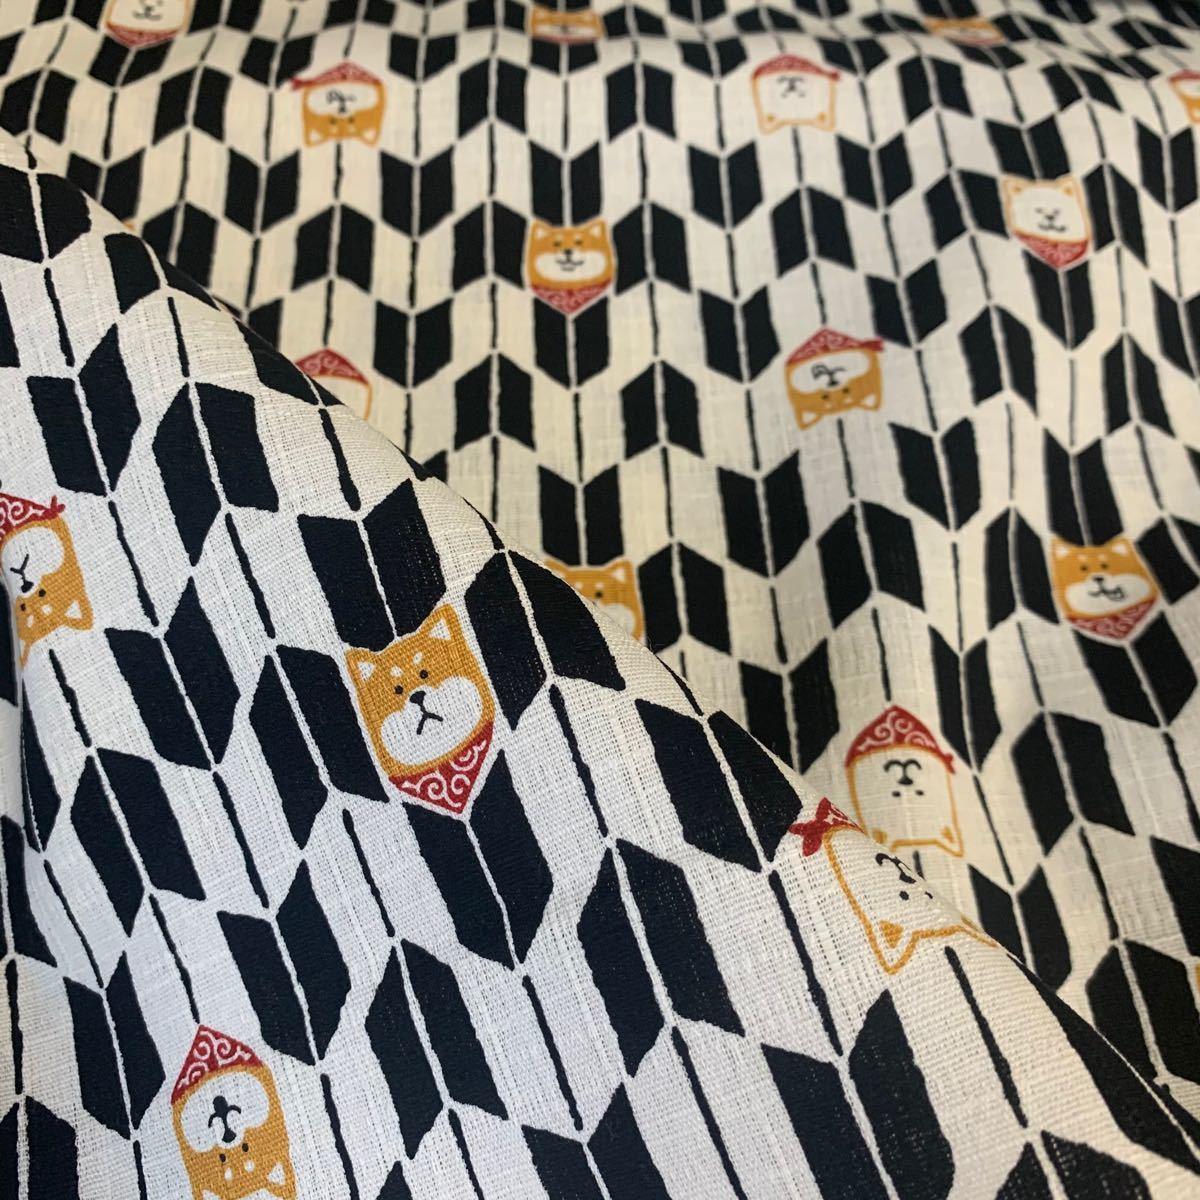 綿ドビー 矢絣 柴犬 ブラック 1m コスモテキスタイル ワンコ